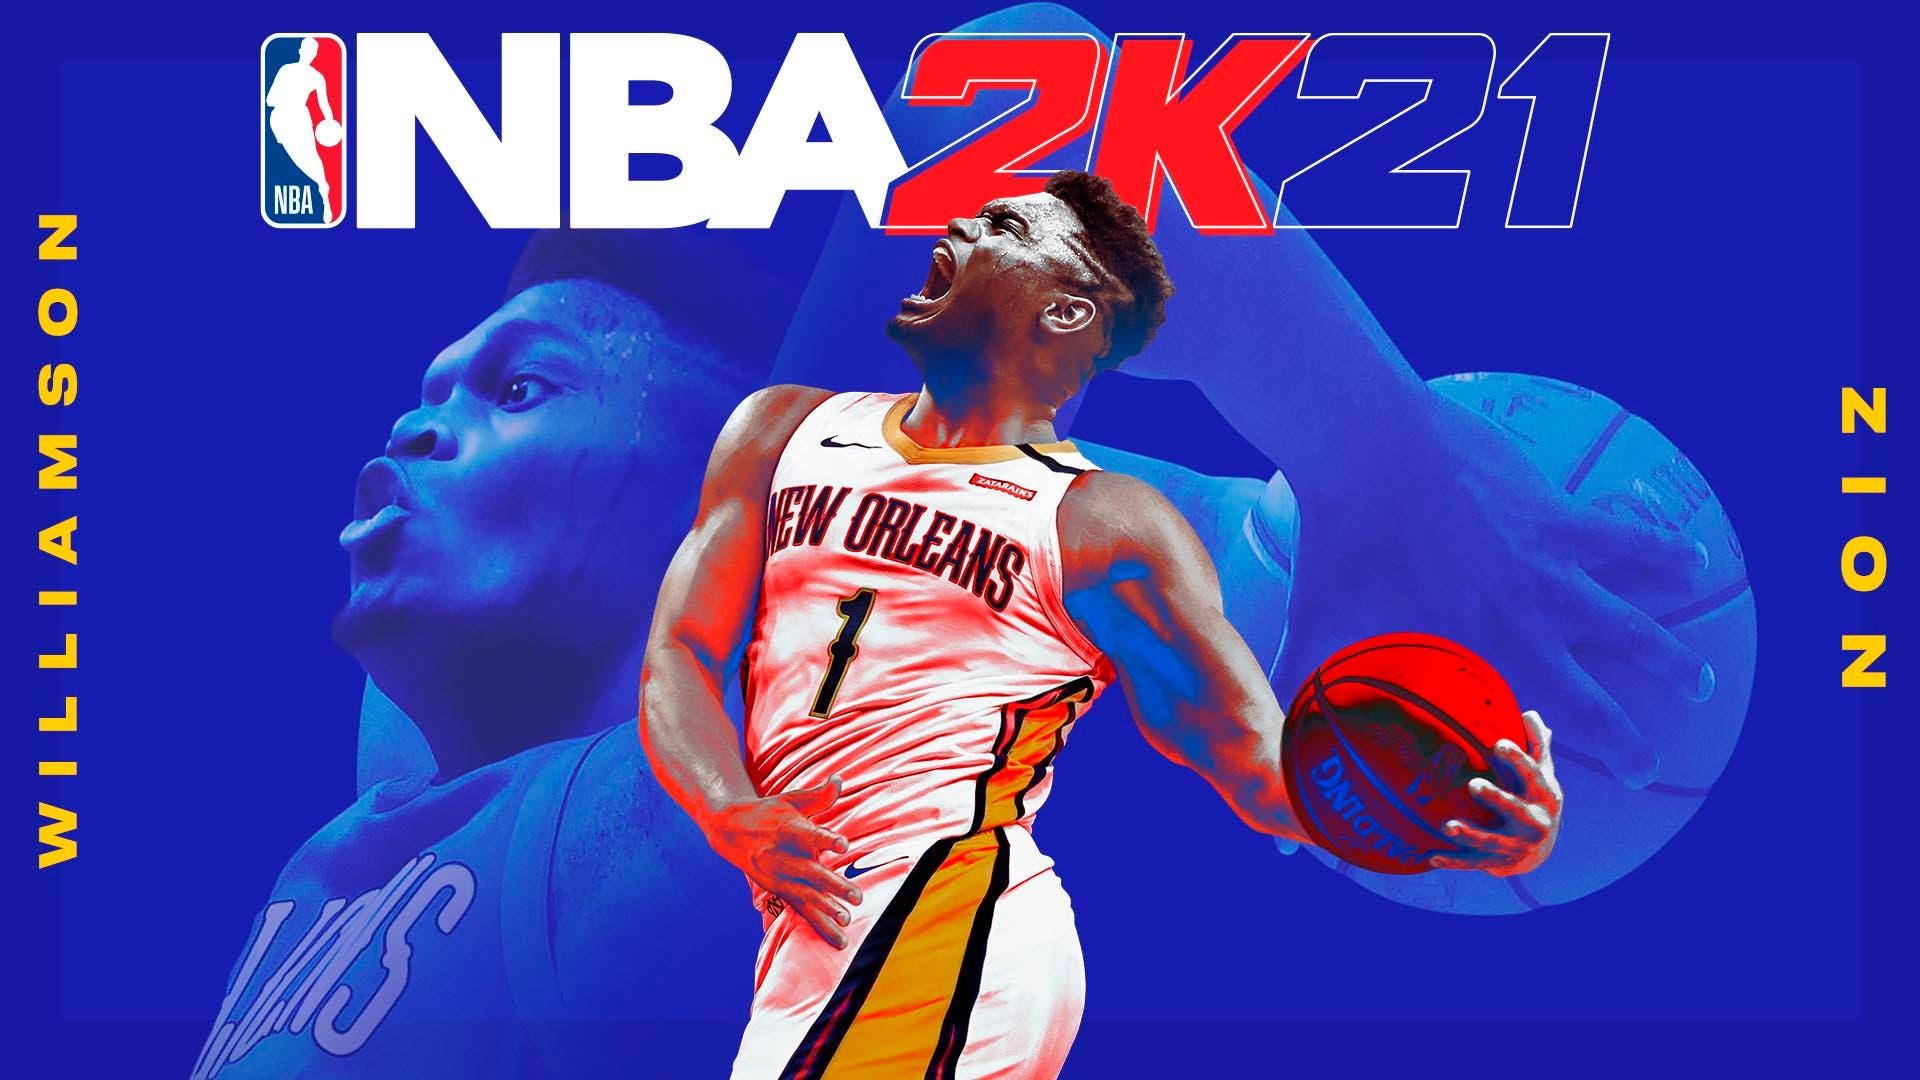 La demo de NBA 2K21 estará disponible muy pronto 19